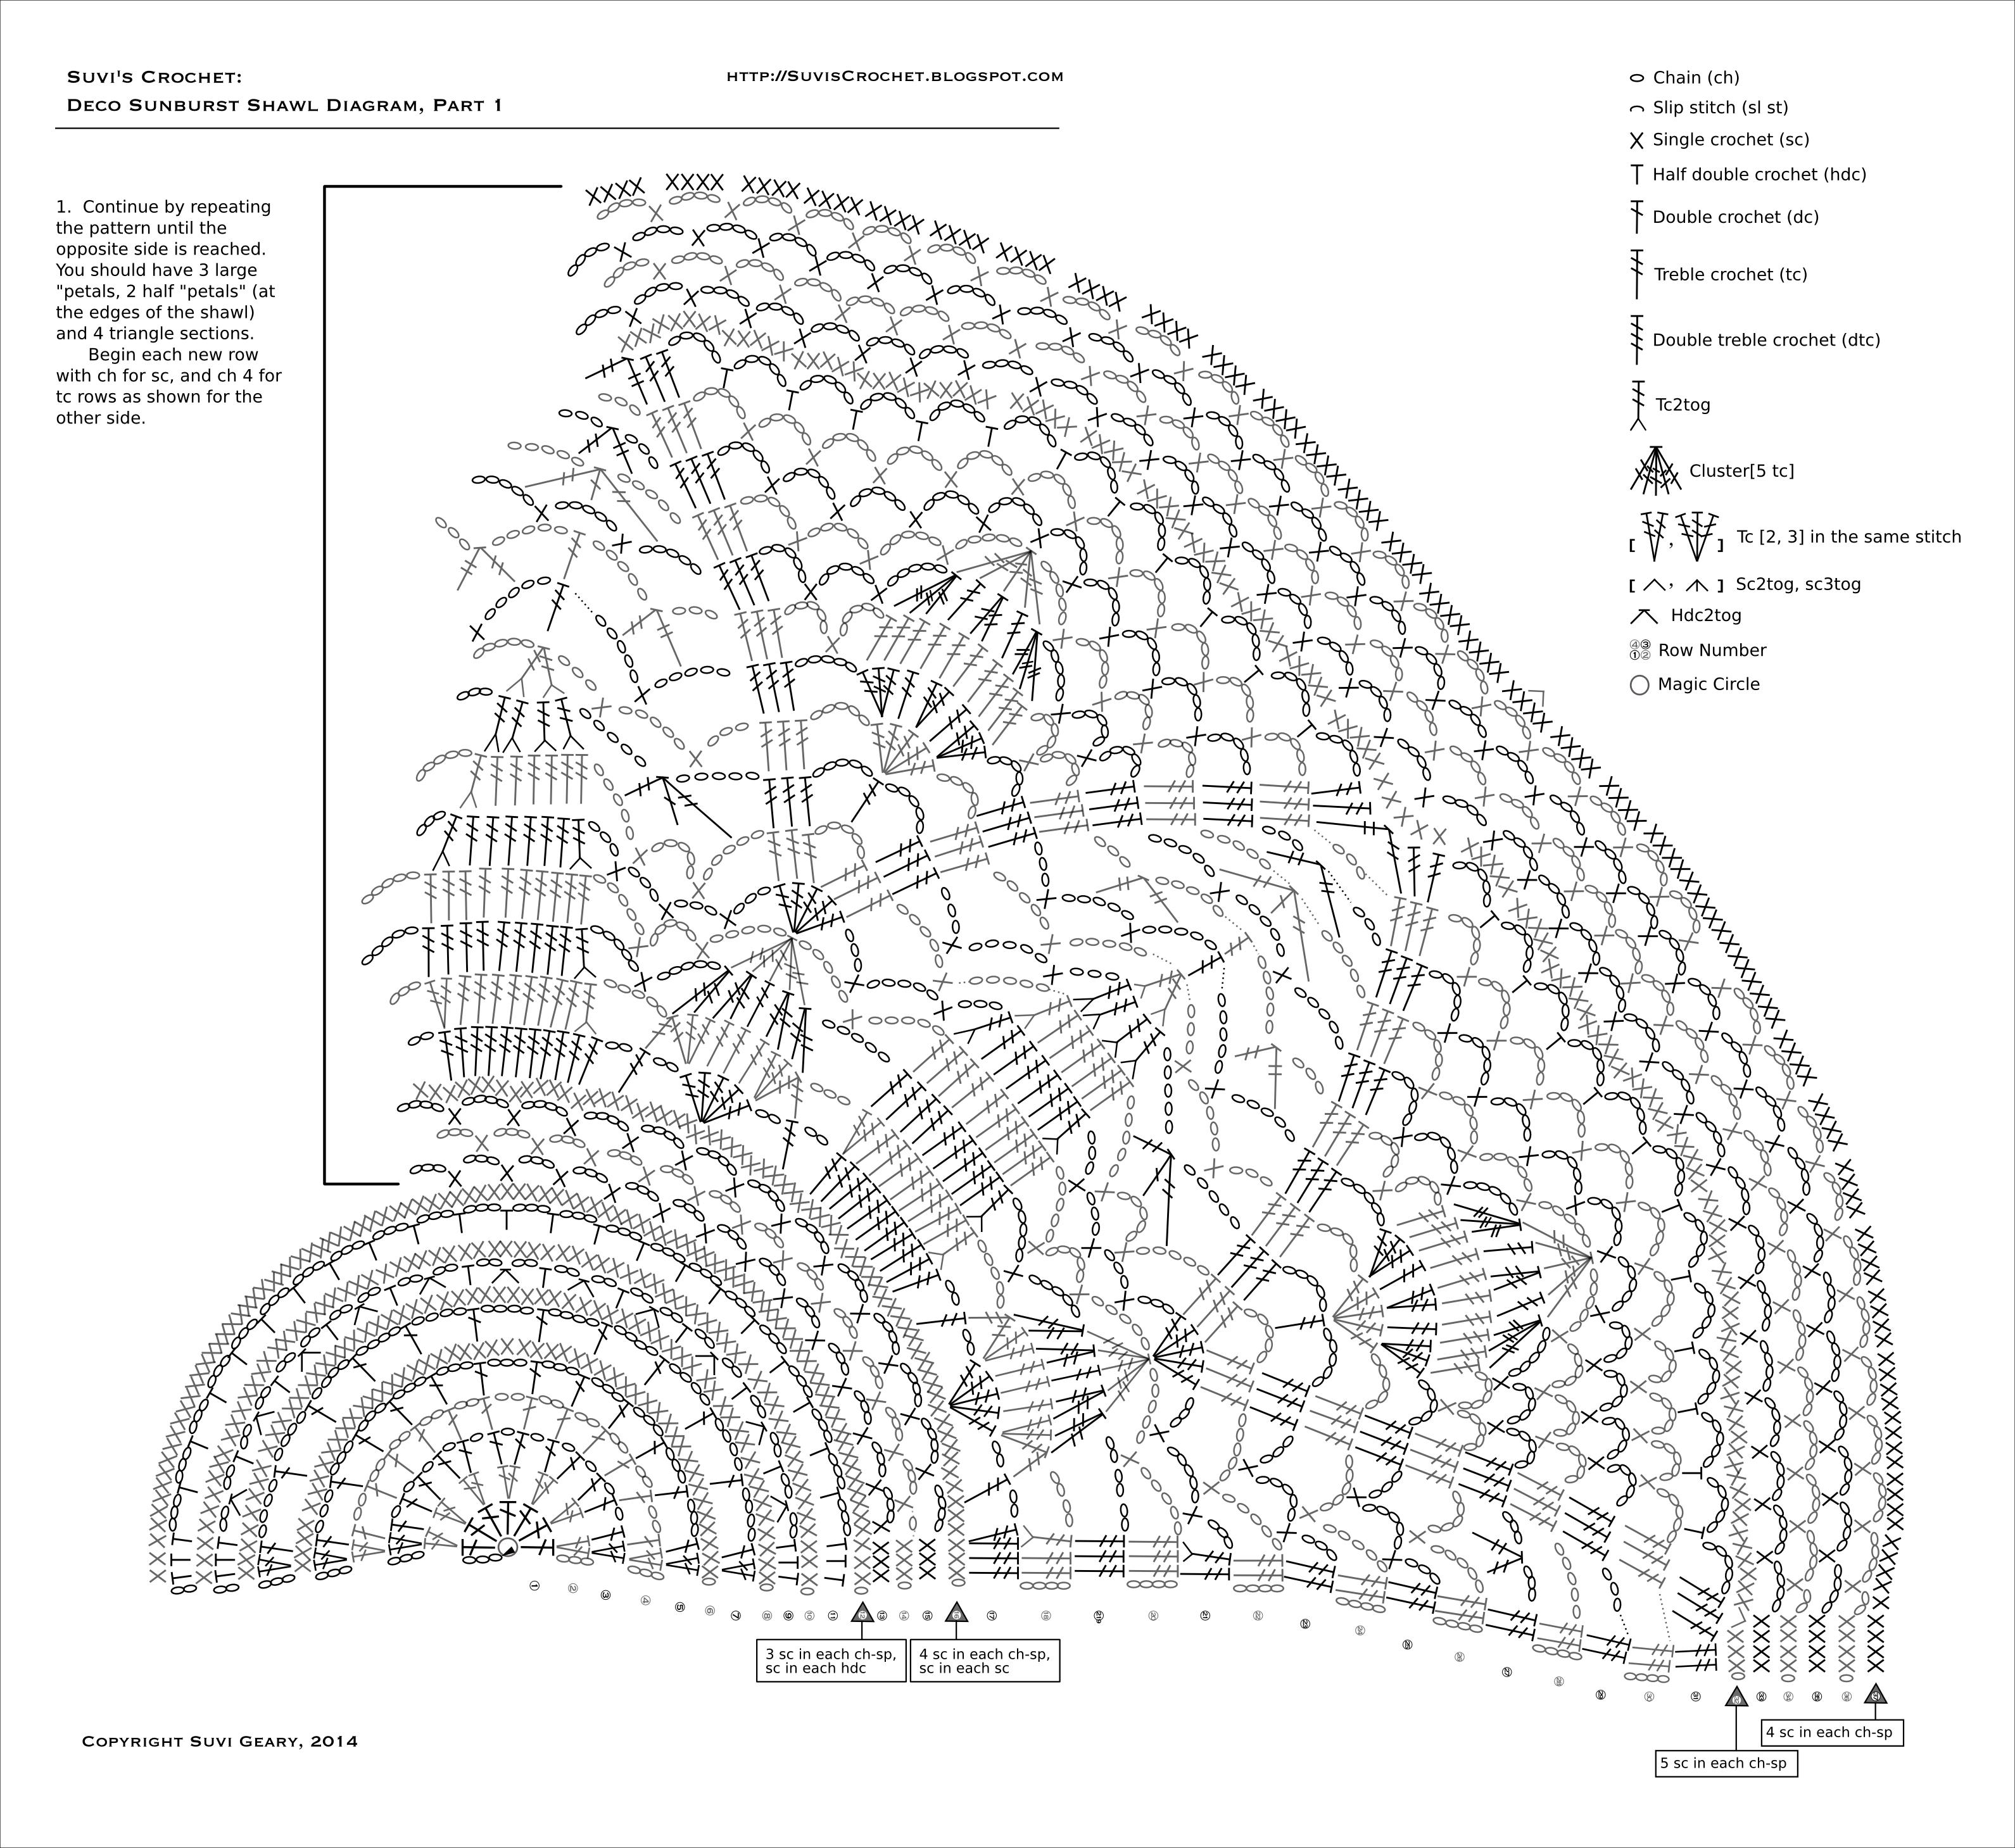 Suvis crochet art deco sunburst shawl part 1 rows 1 37 bankloansurffo Images